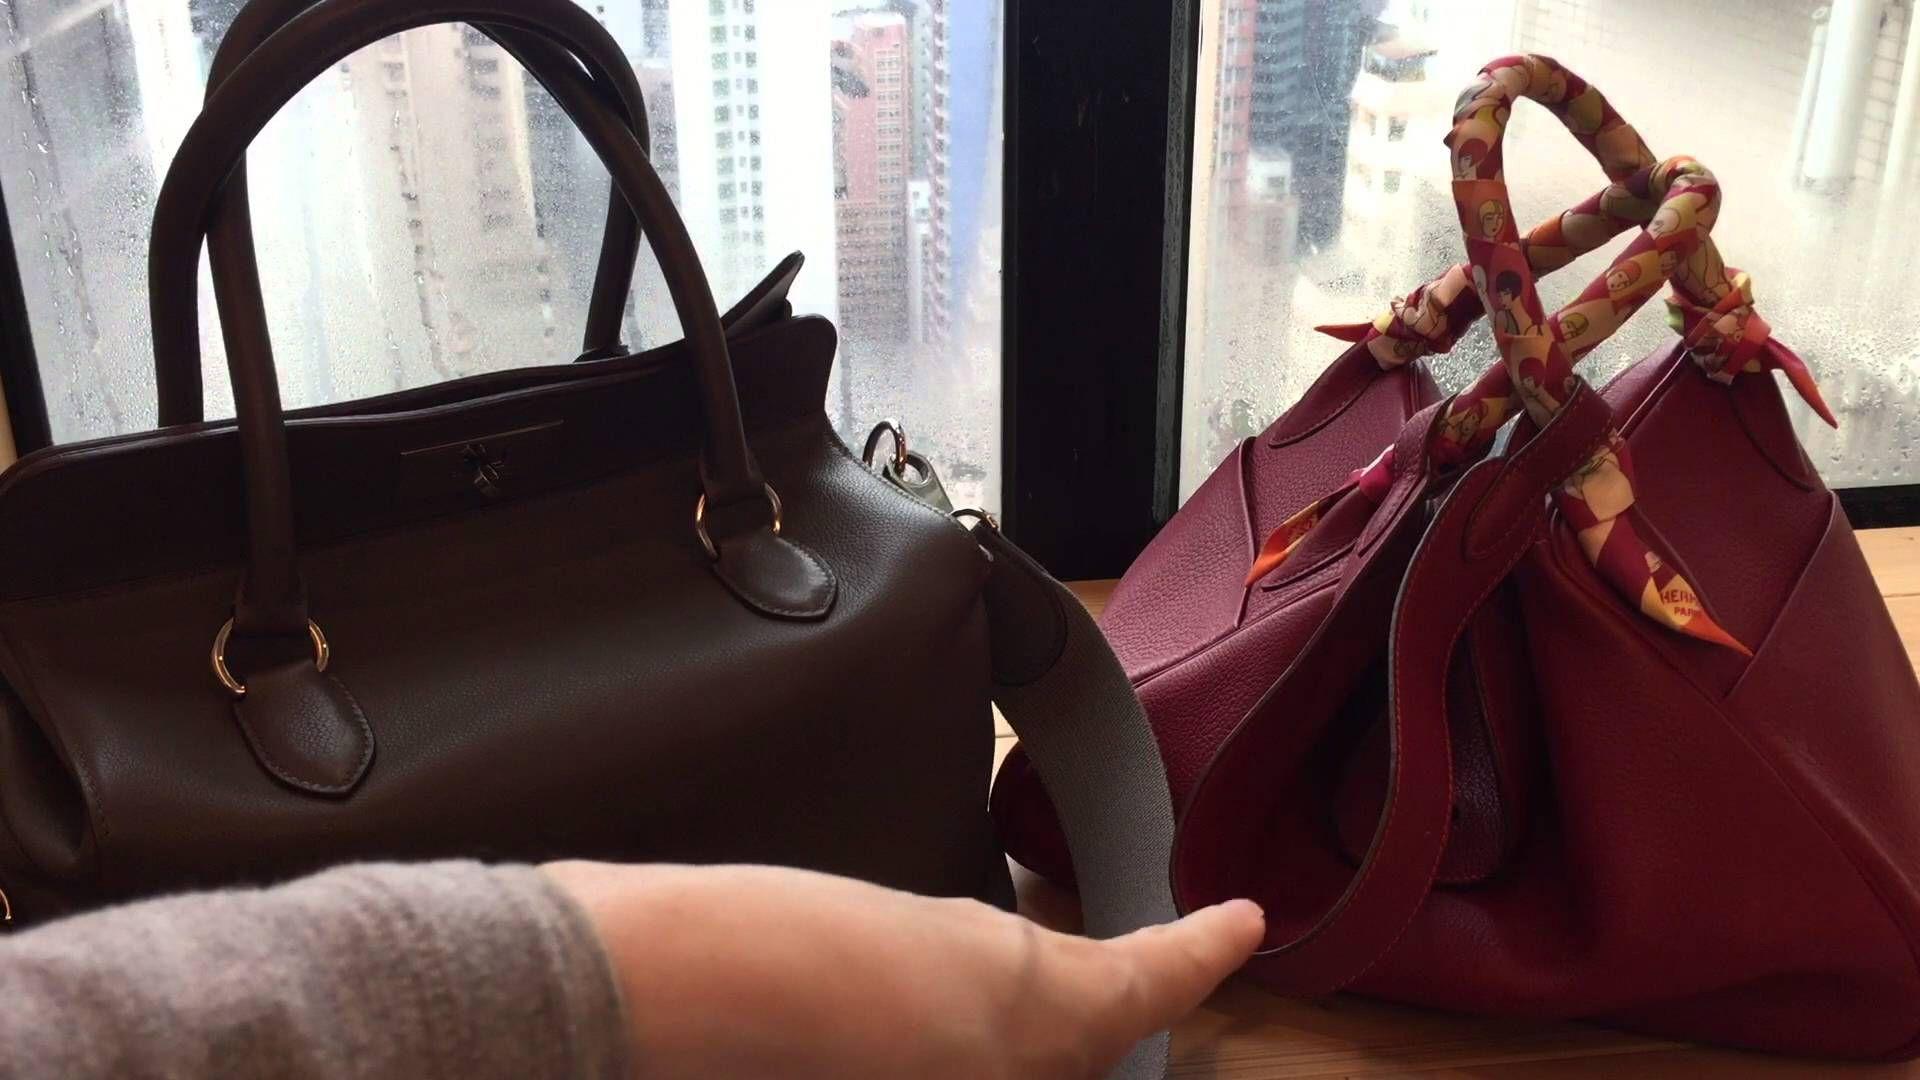 Hermes Bag 26 And Lindy 30 Comparison Hermes Bag Bags Bags Designer